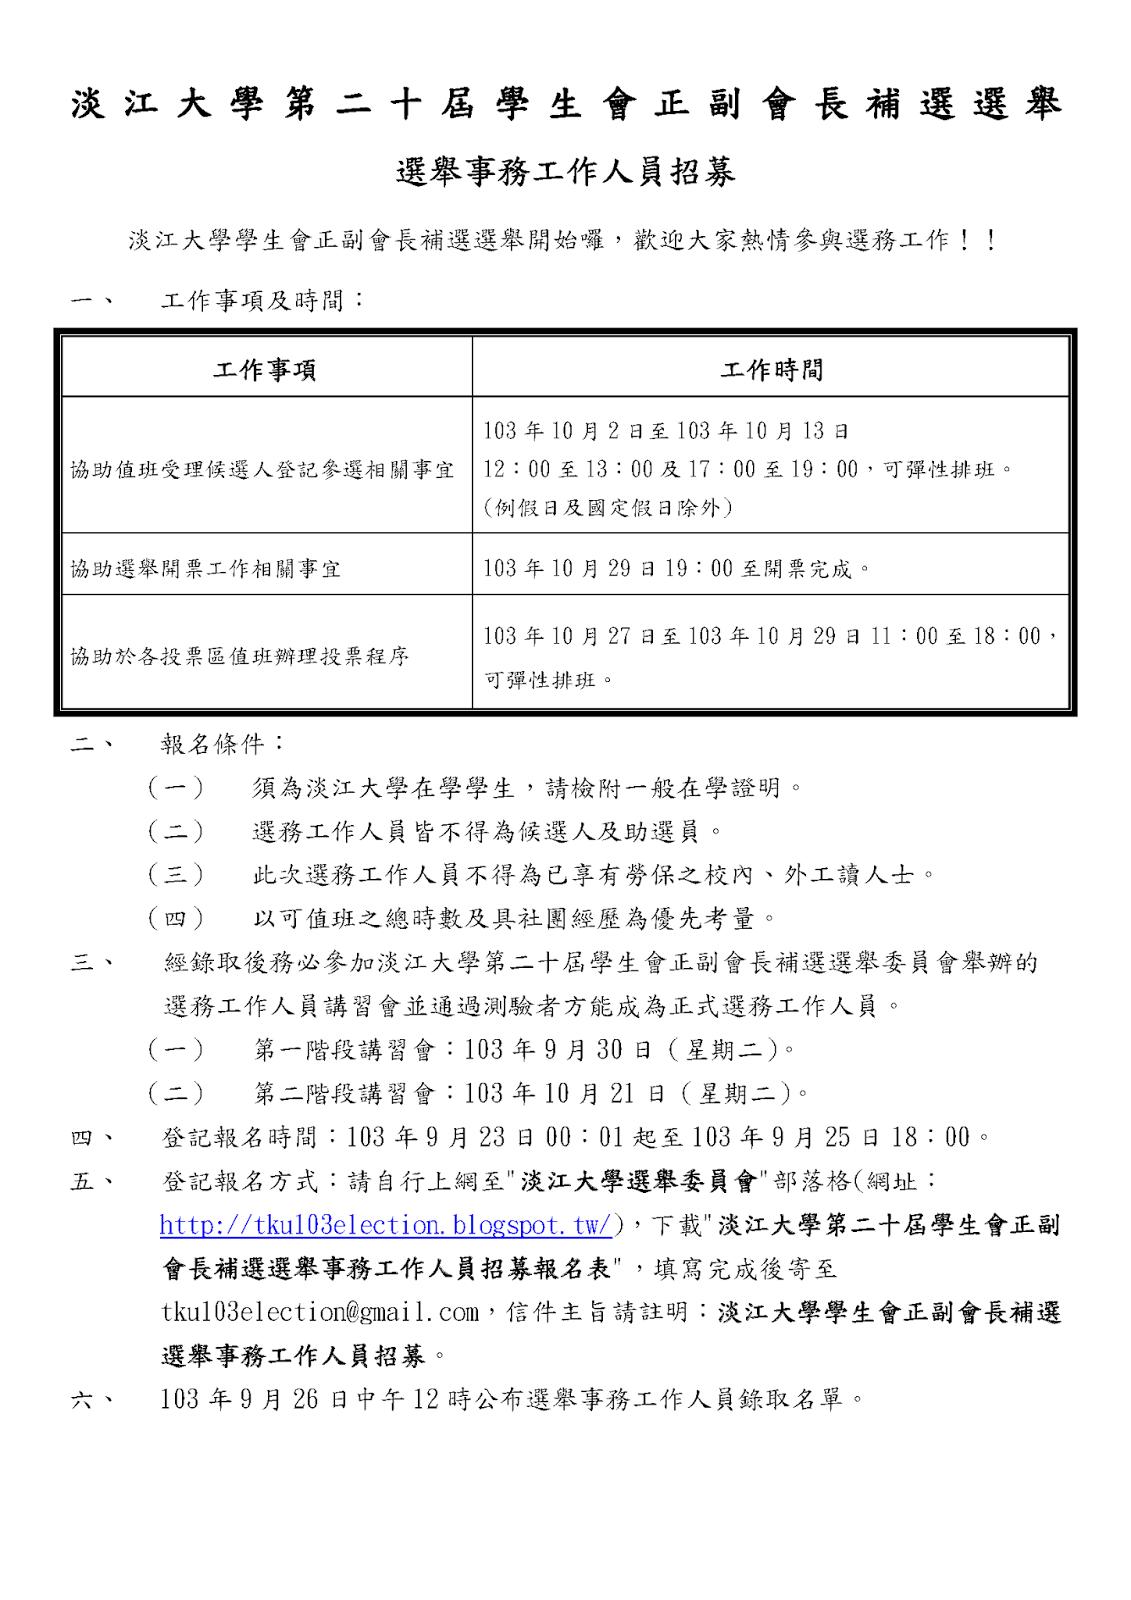 淡江大學學生會選舉委員會: 淡江大學第二十屆學生會正副會長補選選舉事務人員招募公告